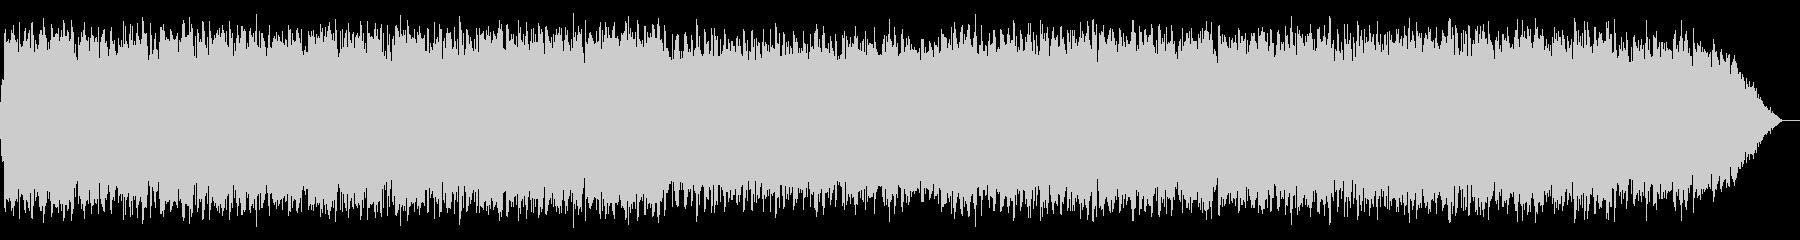 エスニックな竹笛の音楽の未再生の波形